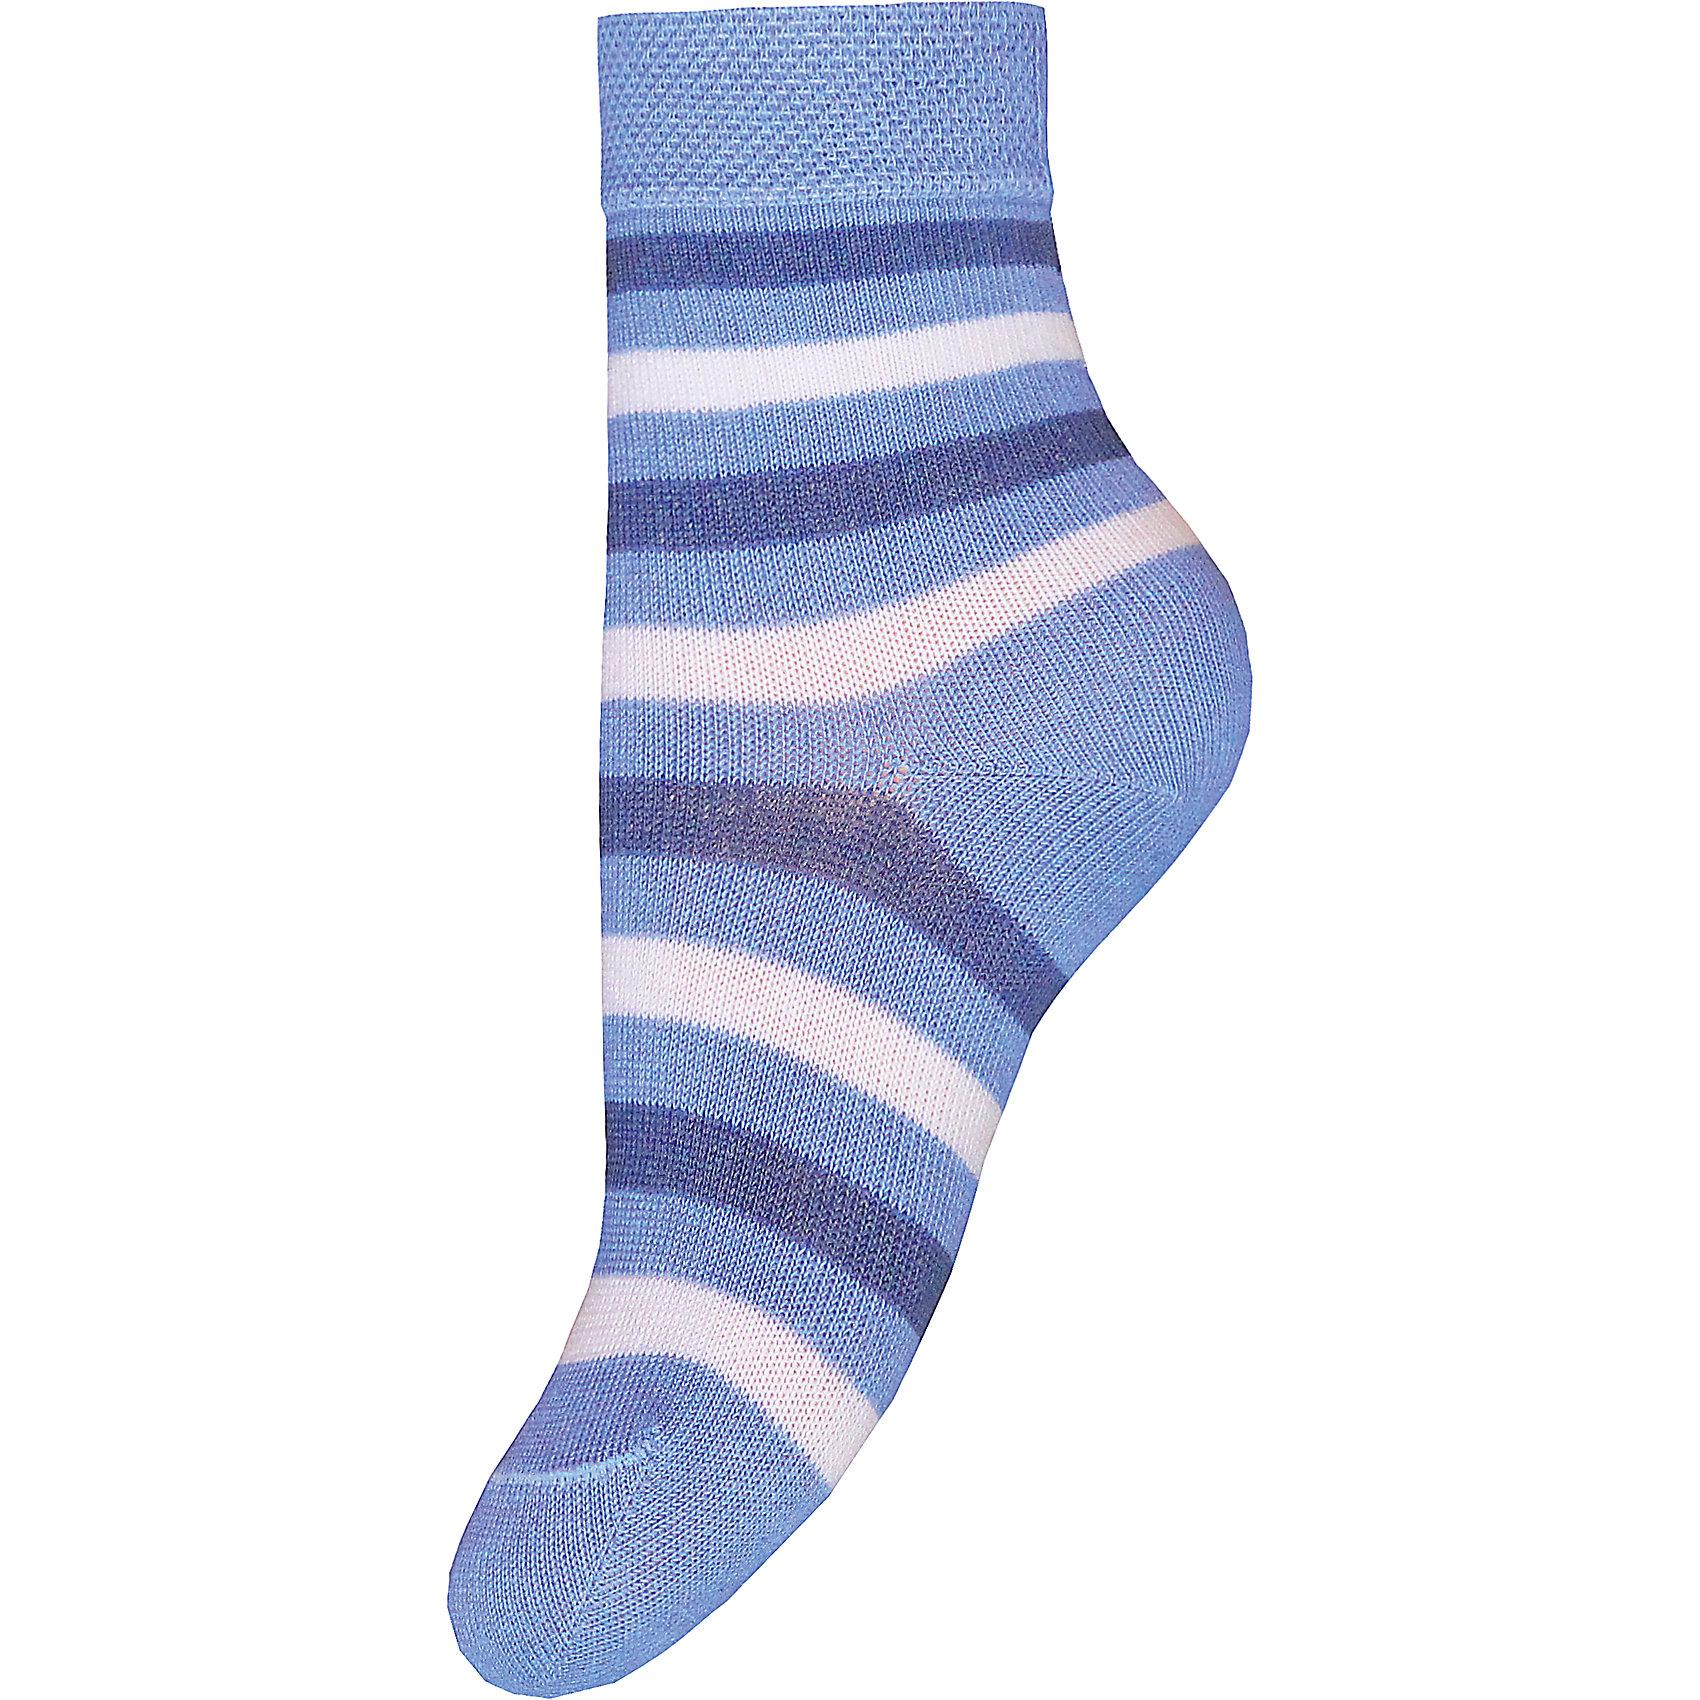 Носки БрестскиеНоски детские, двойной борт, гладкие, с различными рисунками для мальчиков и девочек.<br>От белорусского производителя.<br><br>Состав: Хлопок-70%, ПА-28%, Эластан-2%<br><br>Ширина мм: 87<br>Глубина мм: 10<br>Высота мм: 105<br>Вес г: 115<br>Цвет: голубой<br>Возраст от месяцев: 12<br>Возраст до месяцев: 24<br>Пол: Унисекс<br>Возраст: Детский<br>Размер: 13/14,15/16<br>SKU: 4873888